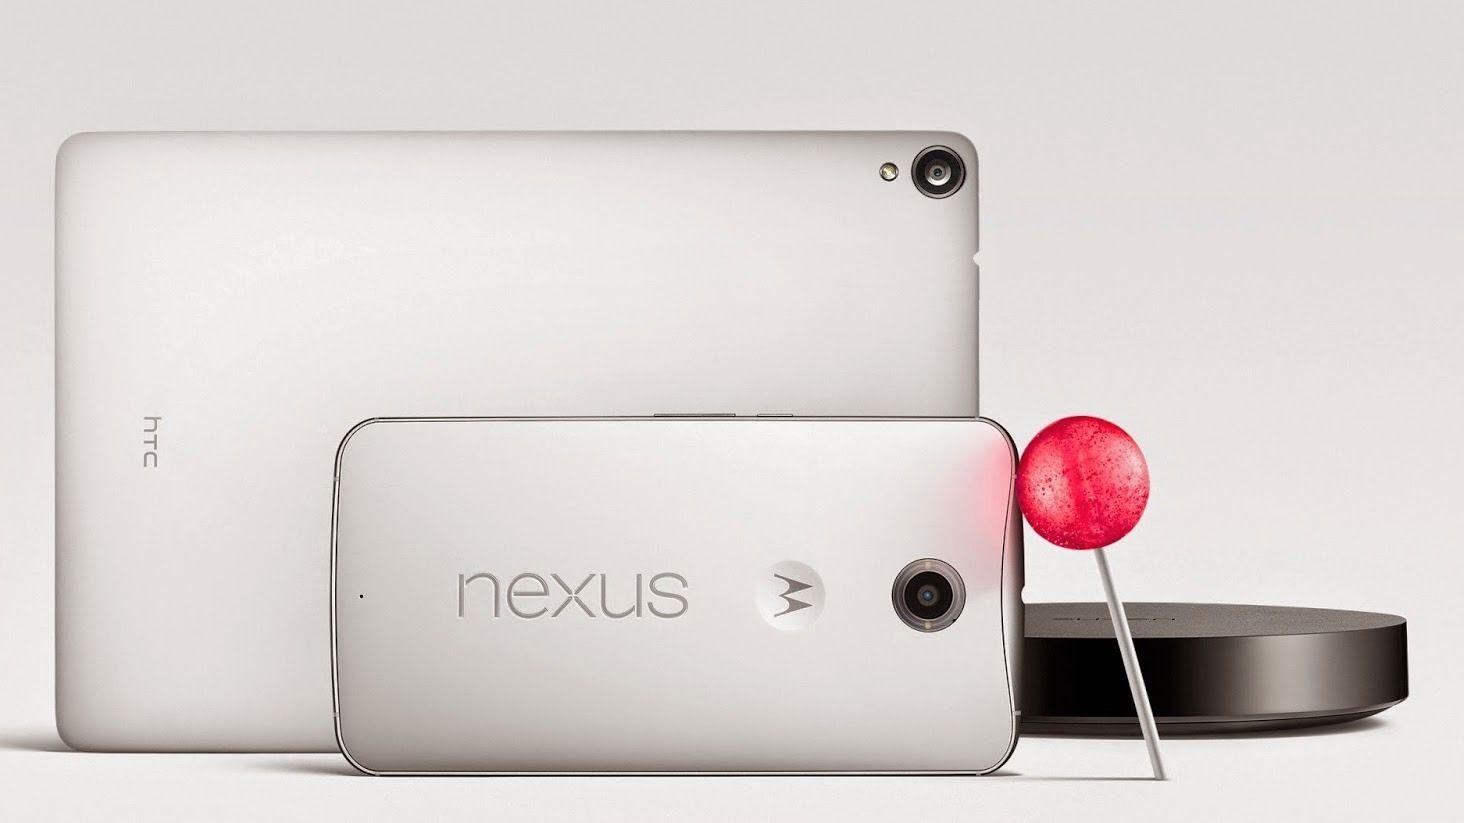 Google lanserte Android 5.0 og to nye Nexus-er